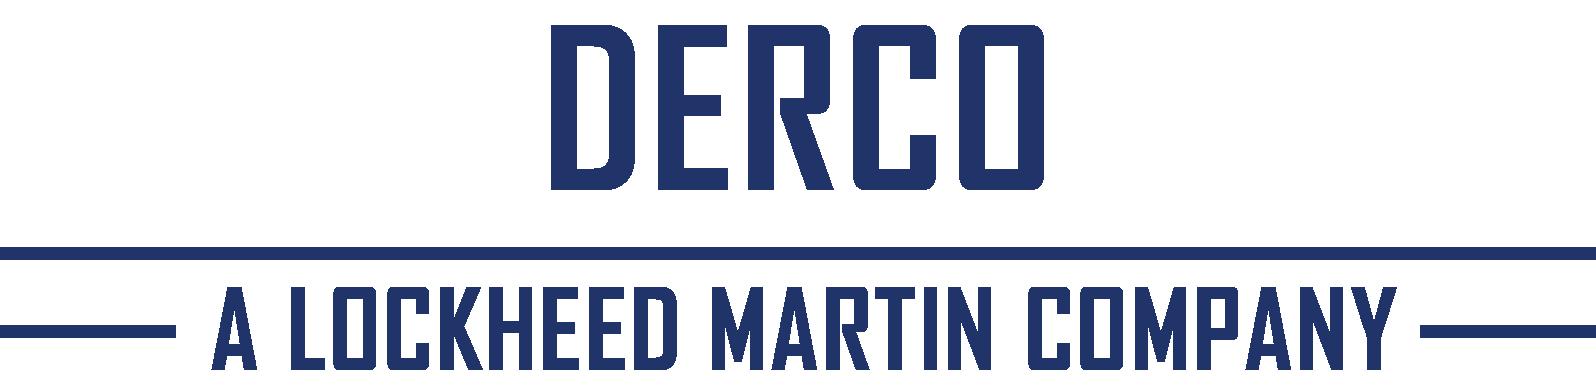 Derco, A Lockheed Martin Company  Company Logo